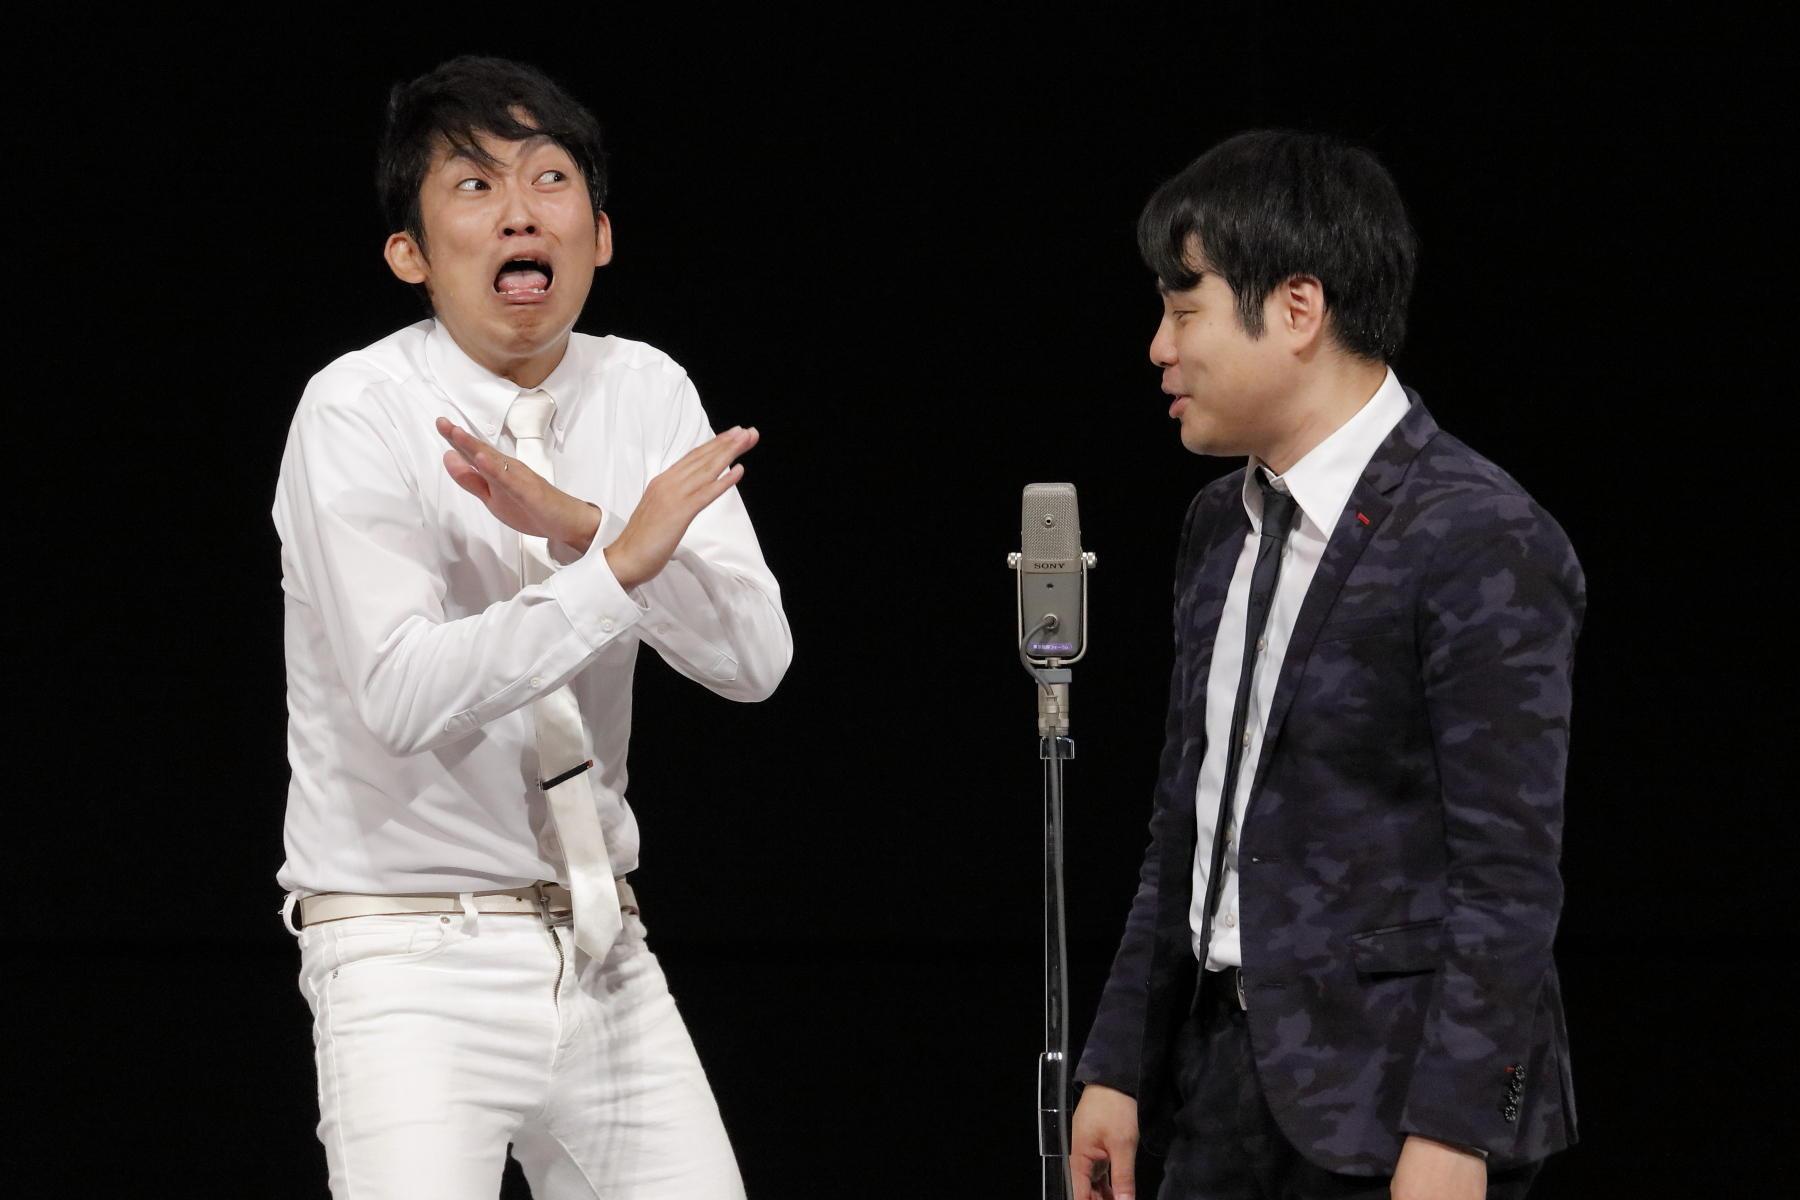 http://news.yoshimoto.co.jp/20171112130145-ca8c6bda9dfe08930d2c222c7e4277a1987468f0.jpg